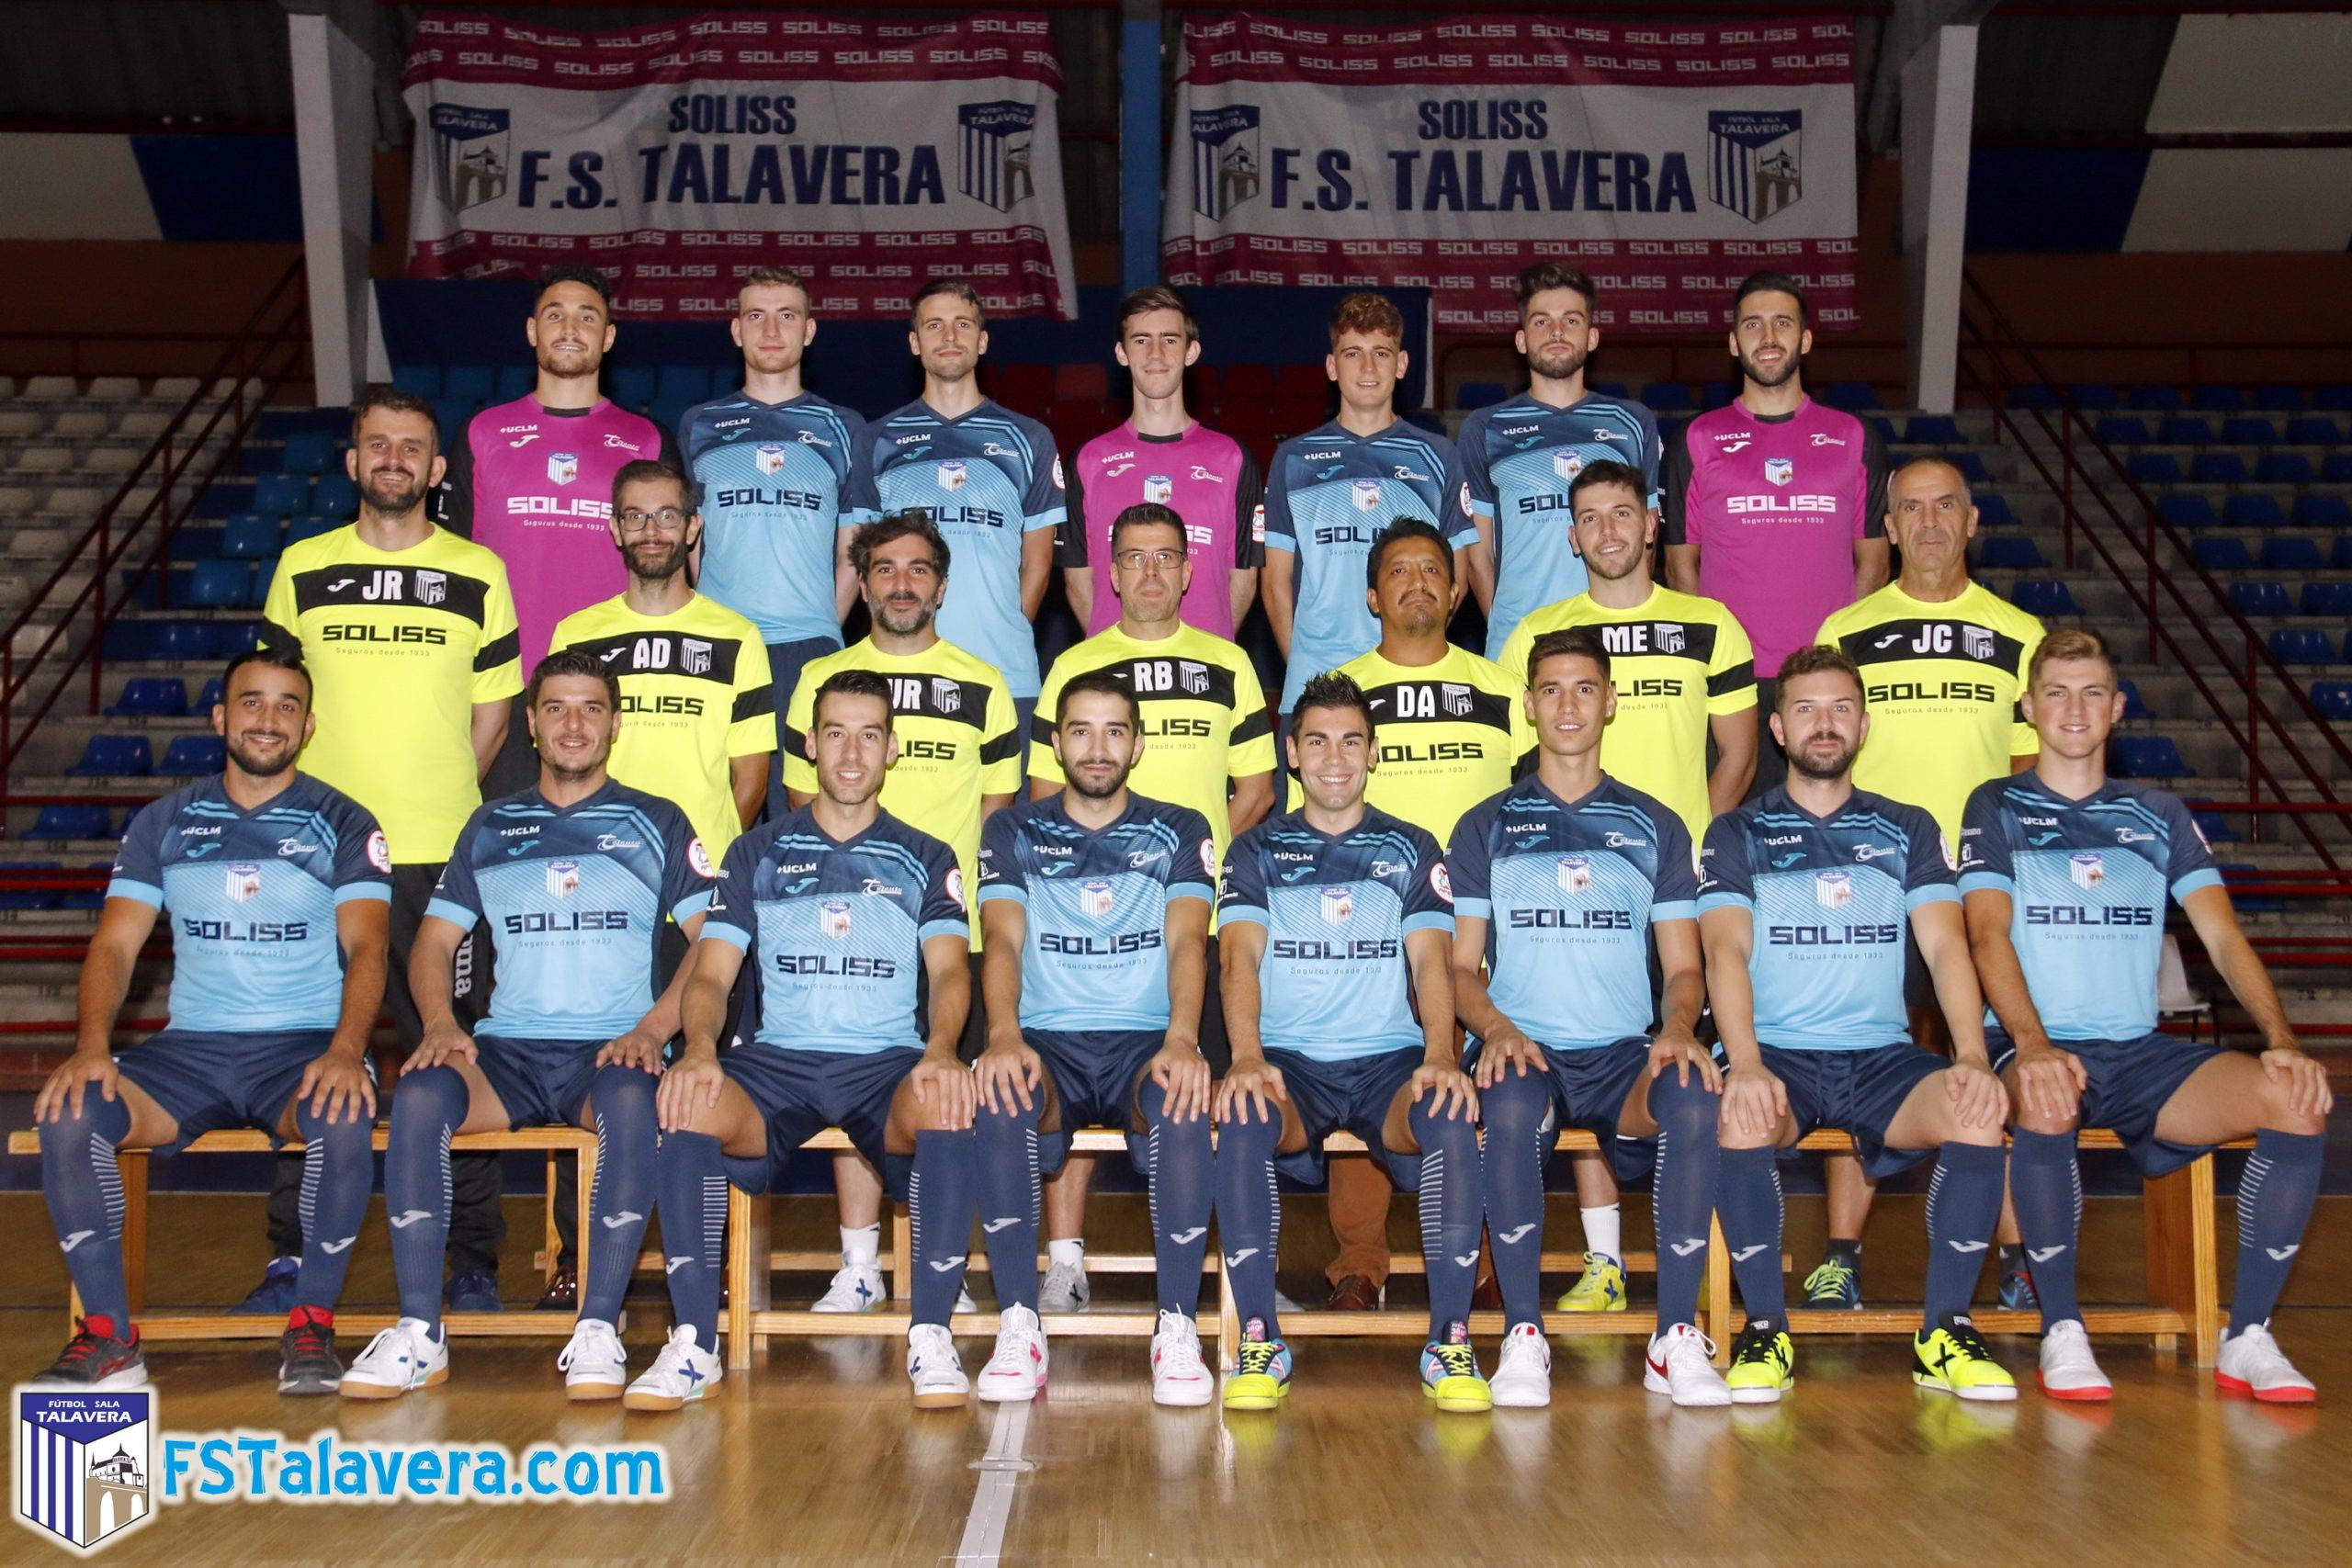 El Soliss Fútbol Sala Talavera hace su foto oficial de la temporada